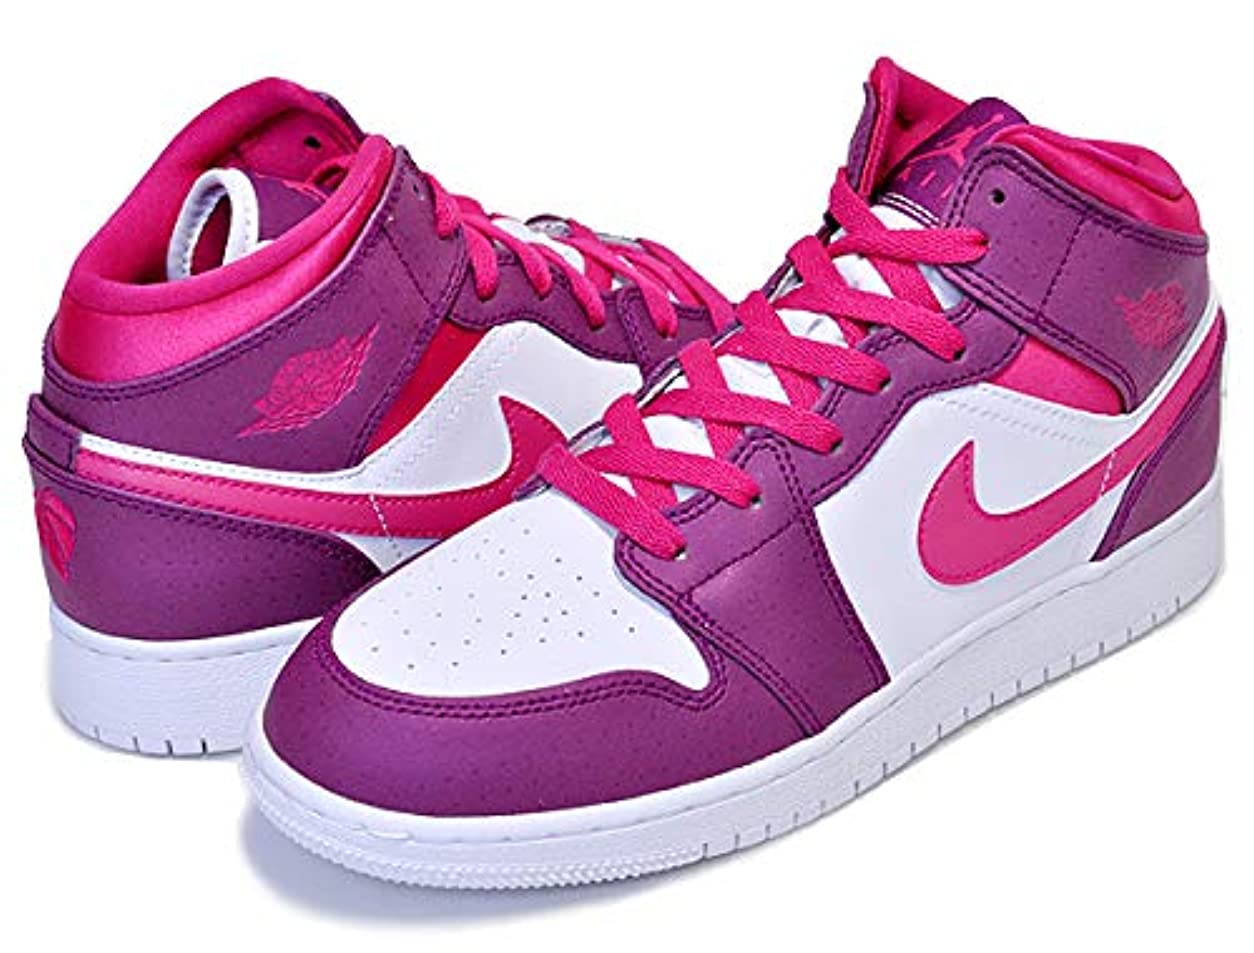 敵敬の念象[ナイキ] エアジョーダン 1 レディース AIR JORDAN 1 MID(GS) true berry/rush pink-white 555112-661 ウィメンズ スニーカー ガールズ AJ 24cm(US6Y) [並行輸入品]